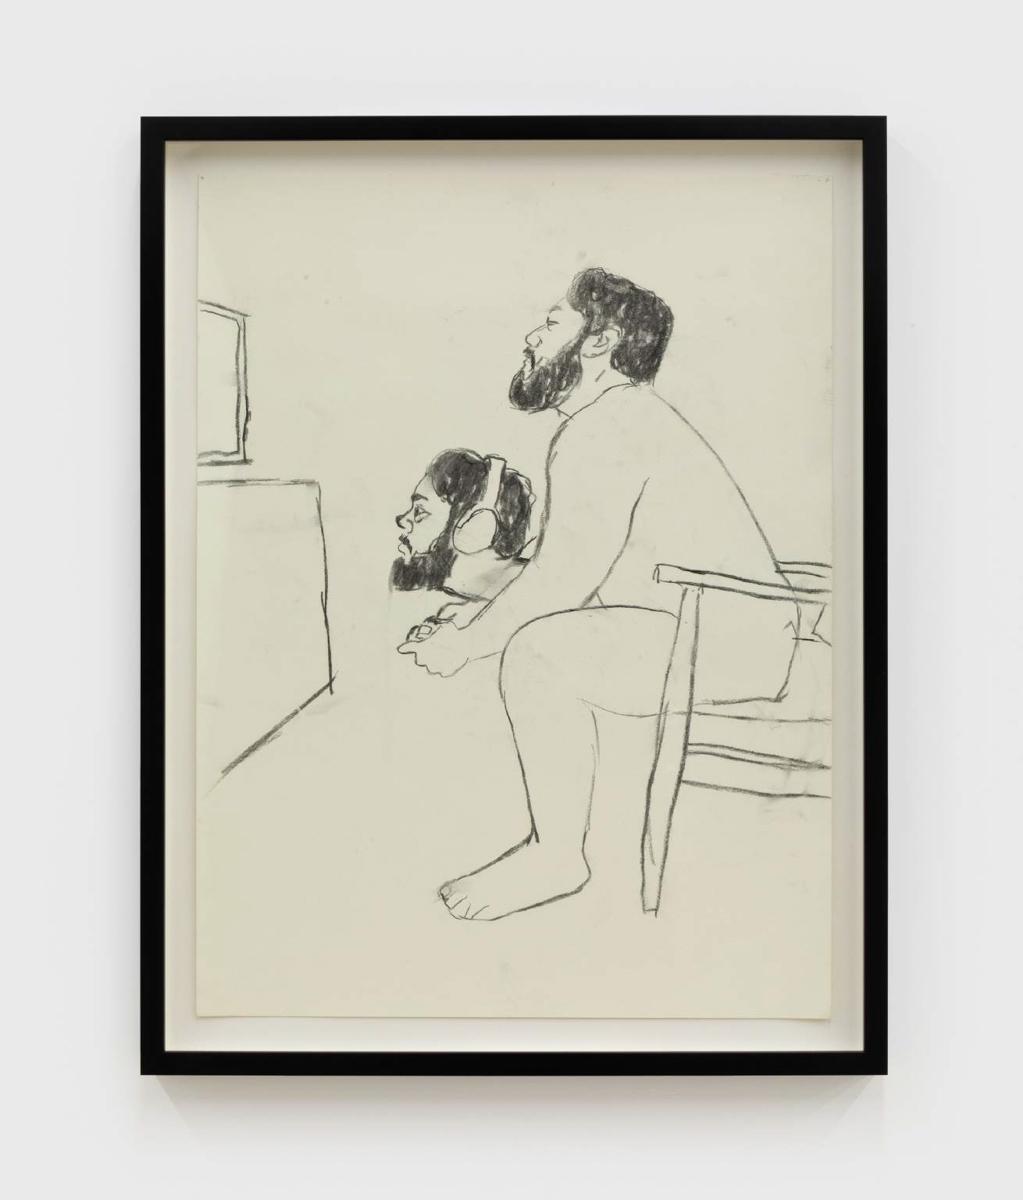 Luis Flores, Sin título, 2019. Grafito sobre papel. 17,5 x 23,5 pulgadas. Cortesía del artista.